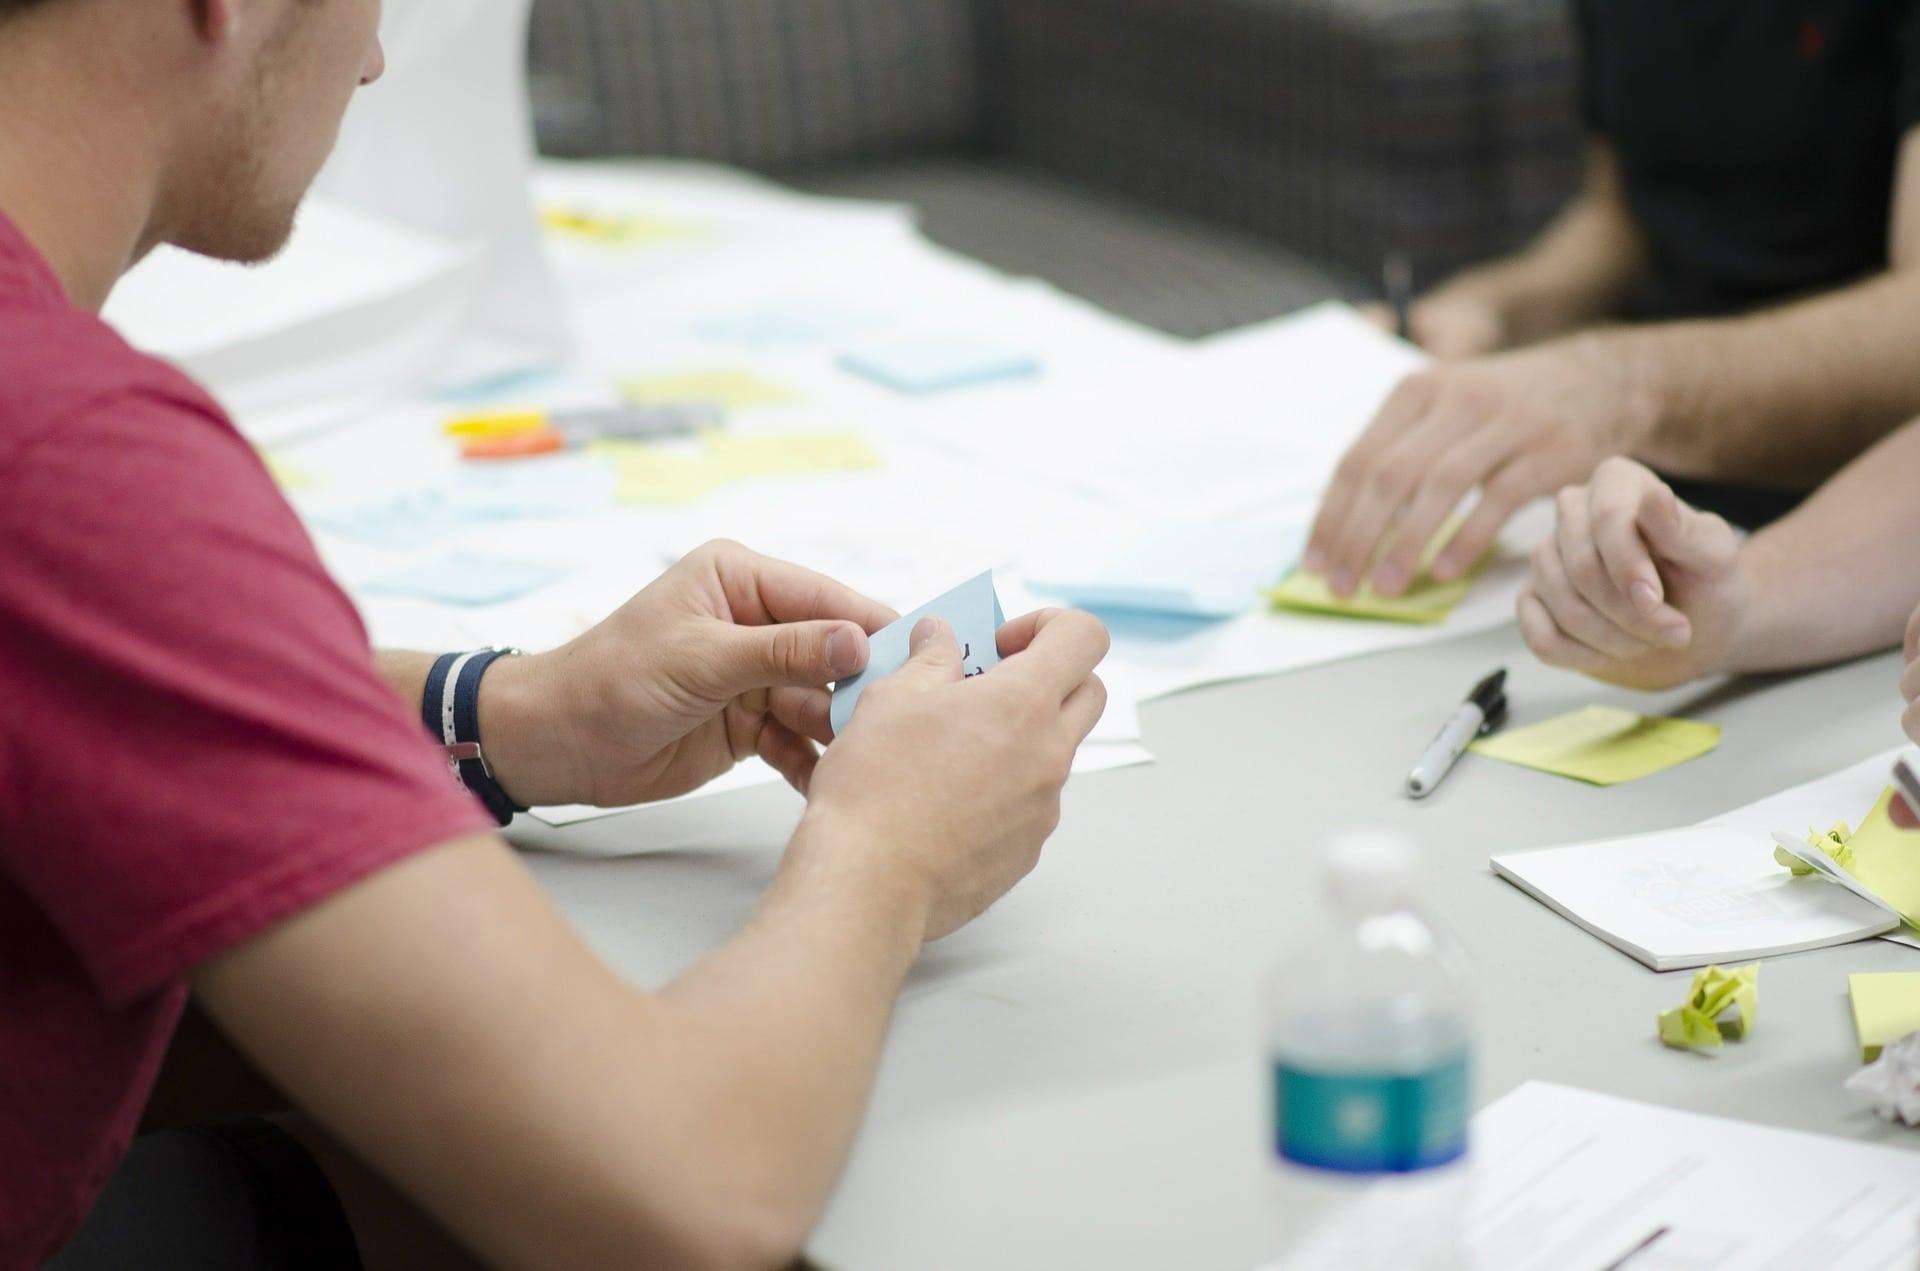 Neue Wege der Zusammenarbeit – ein Blick auf agile Methoden